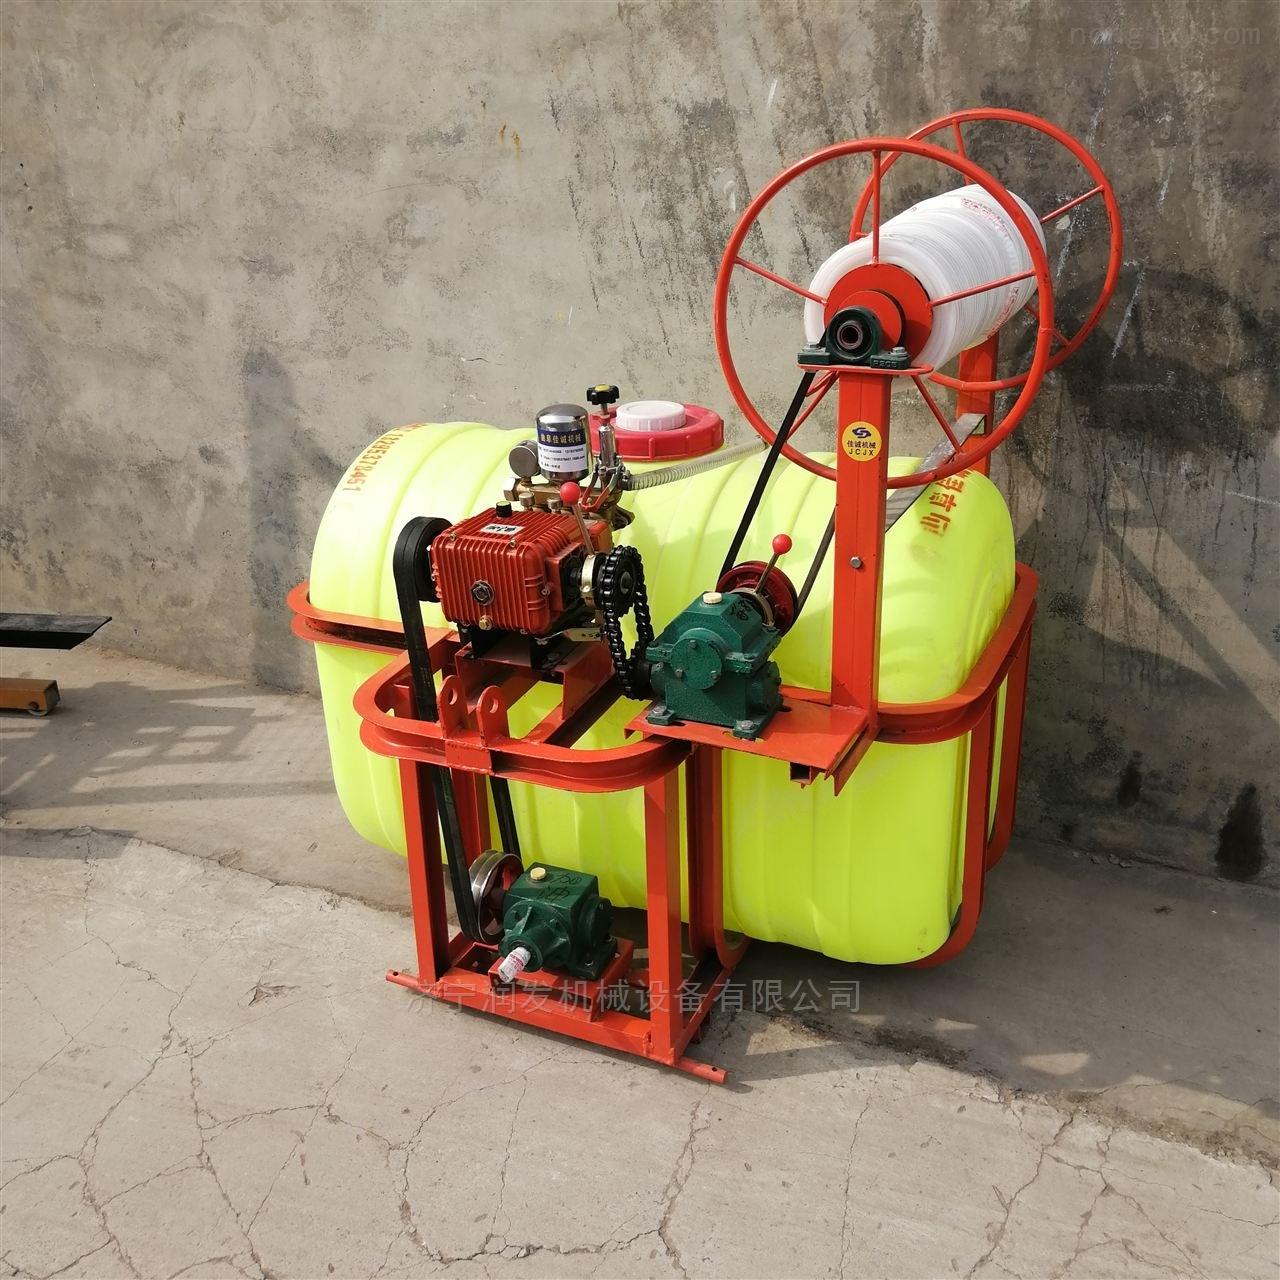 自动收管喷杆式玉米喷药机